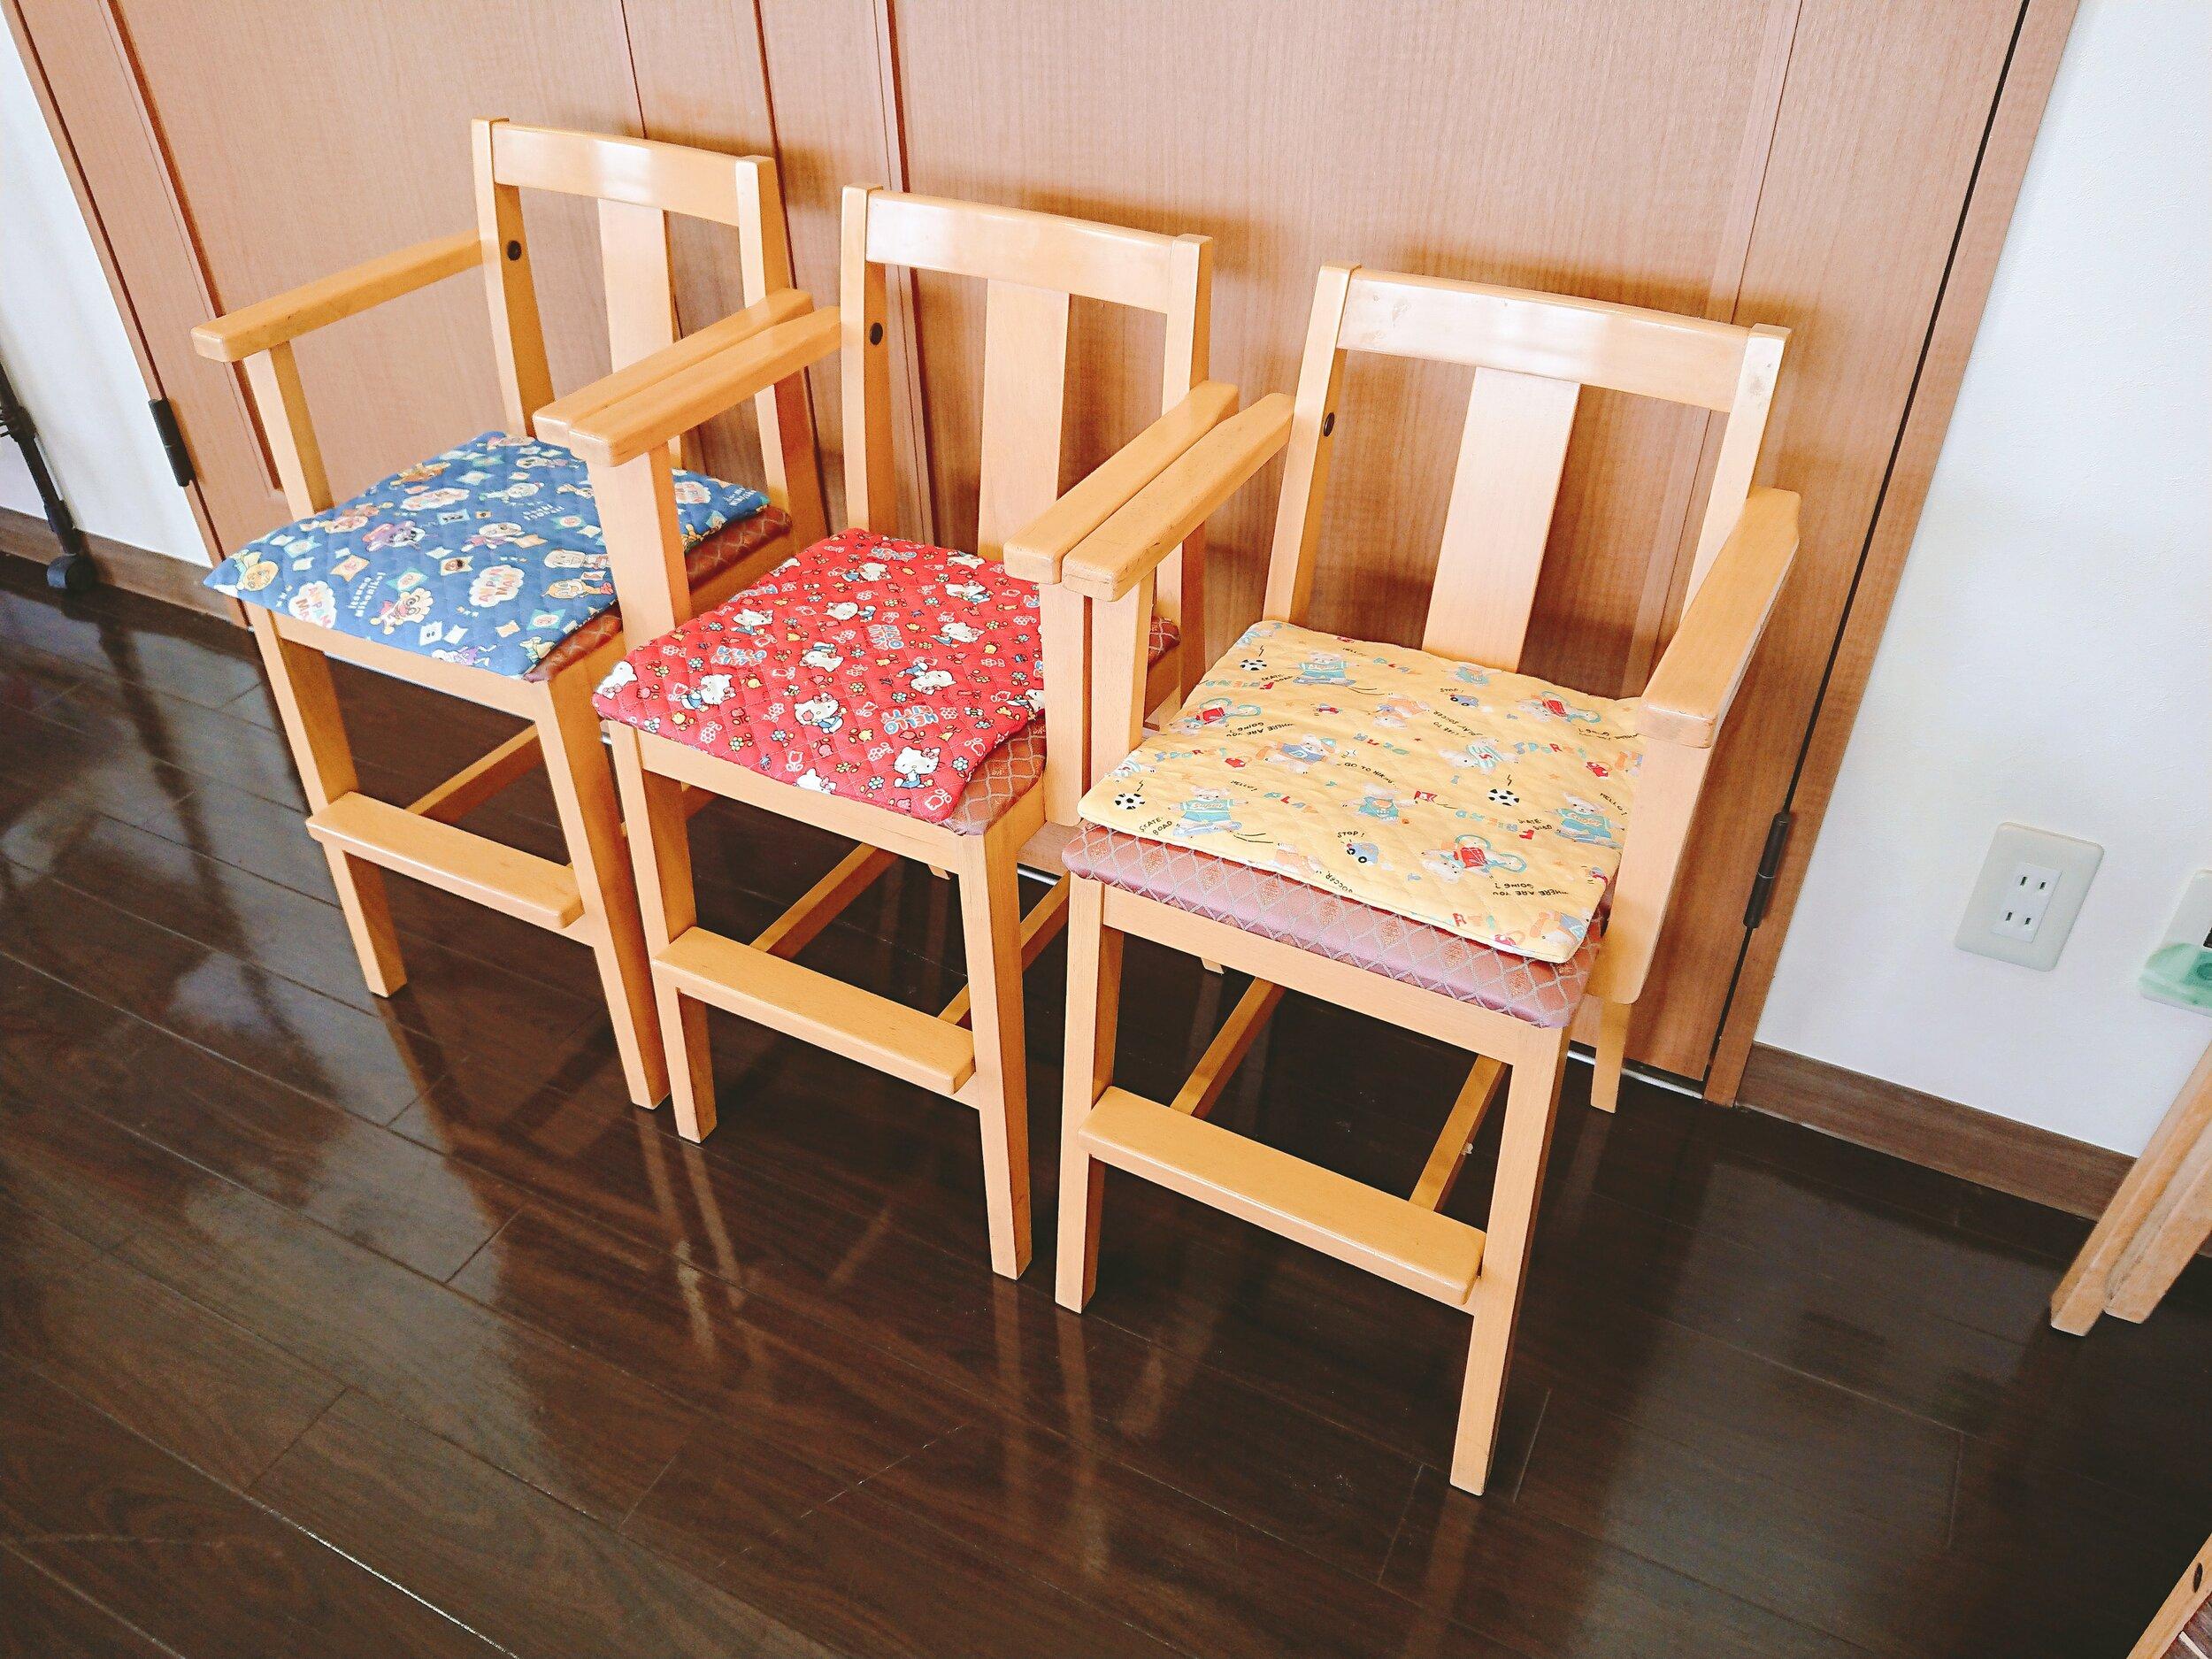 子供用のいす。3色座布団がかわいい